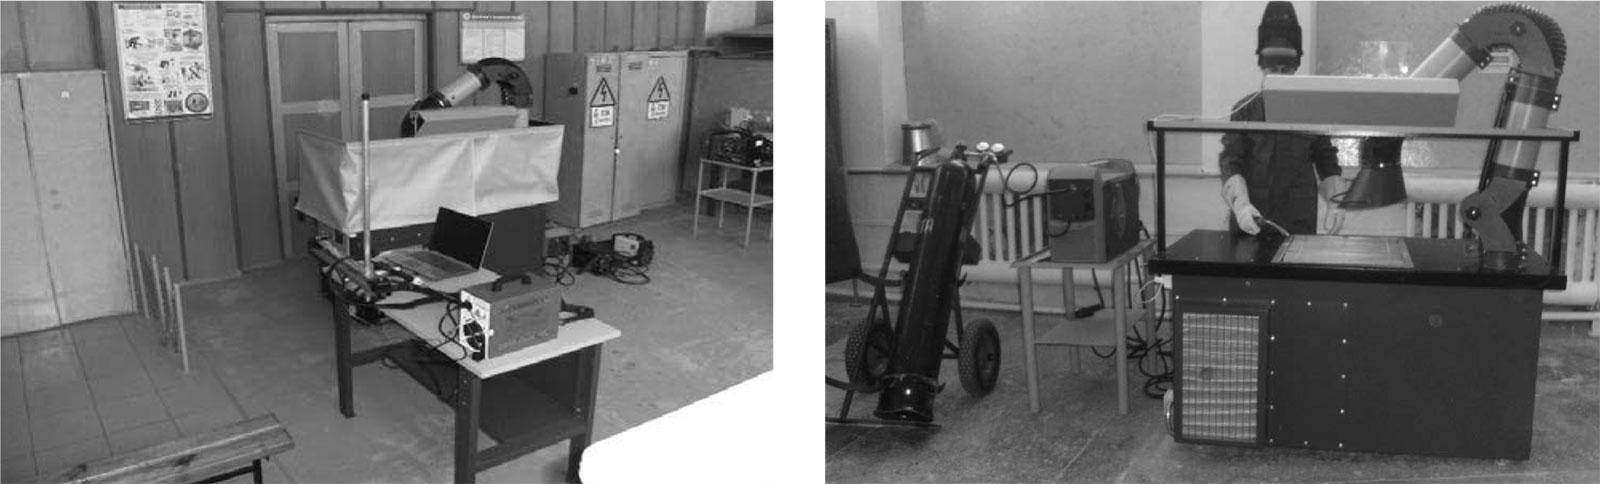 Універсальний стіл зварника з пристроєм очистки від зварювального аерозолю із зони зварювання при проведенні зварювальних робіт на столі